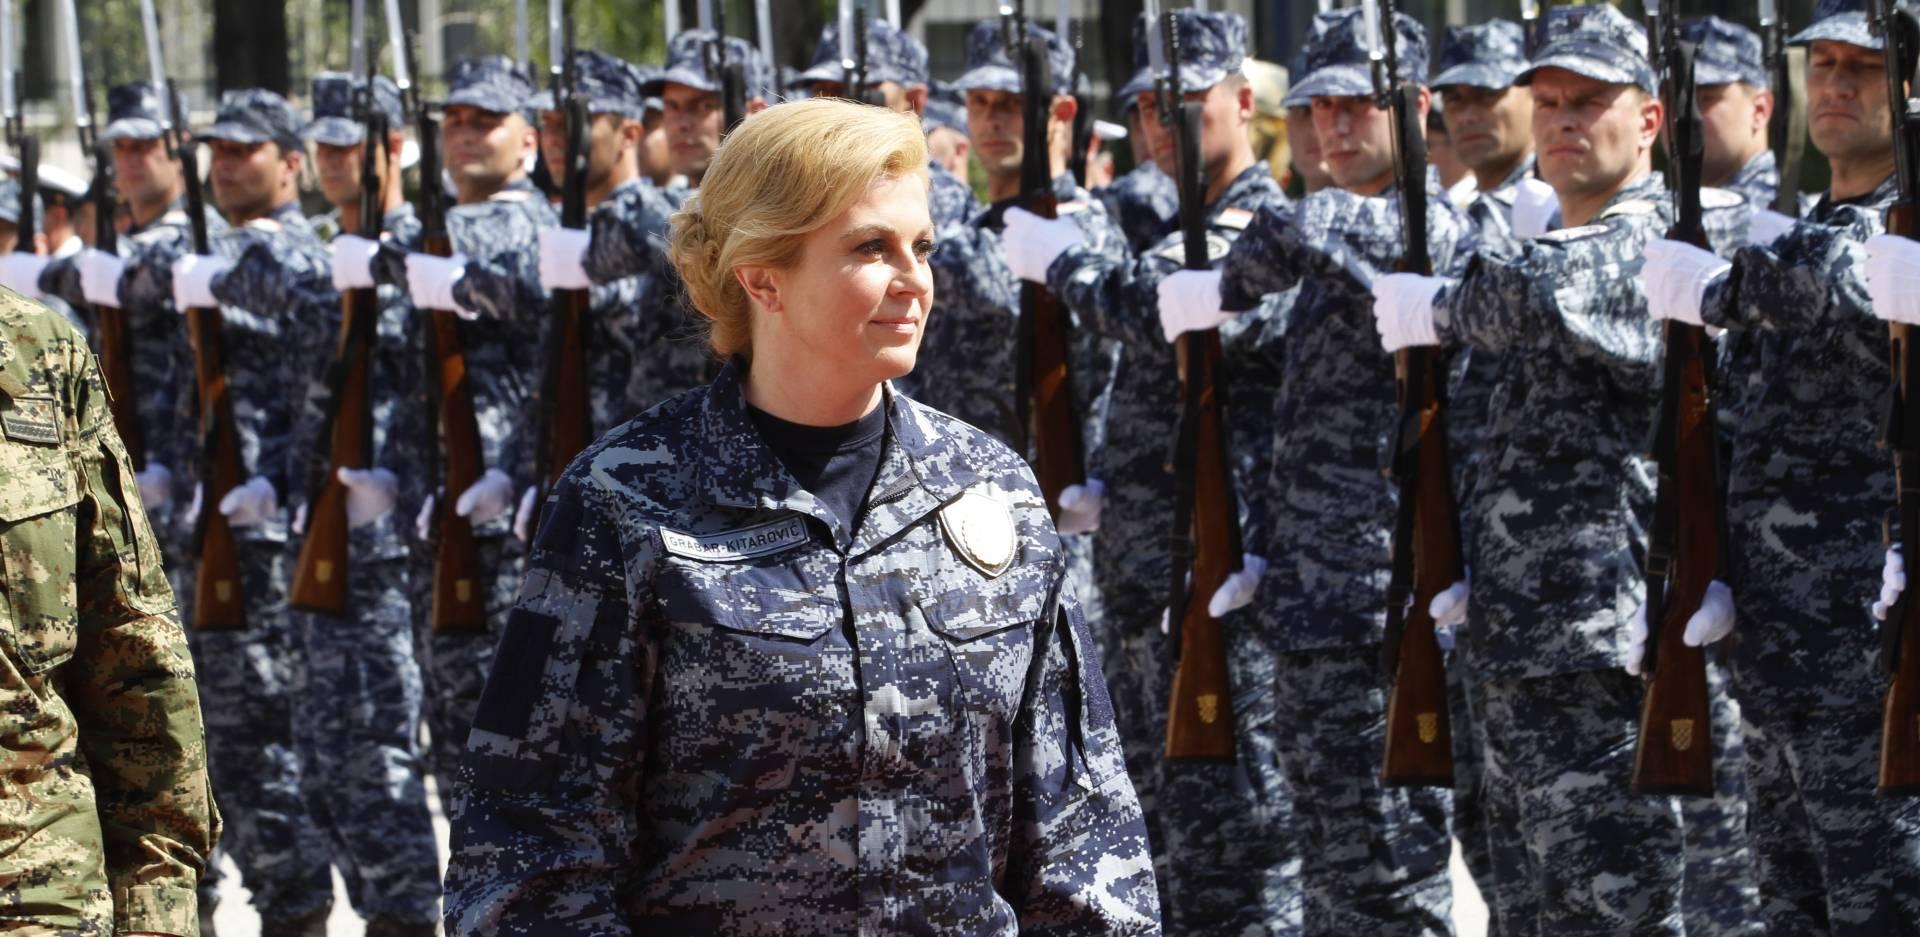 Kolinda prozvala Putina i Rusiju, poručila Trumpu da Hrvatska čvrsto stoji uz SAD